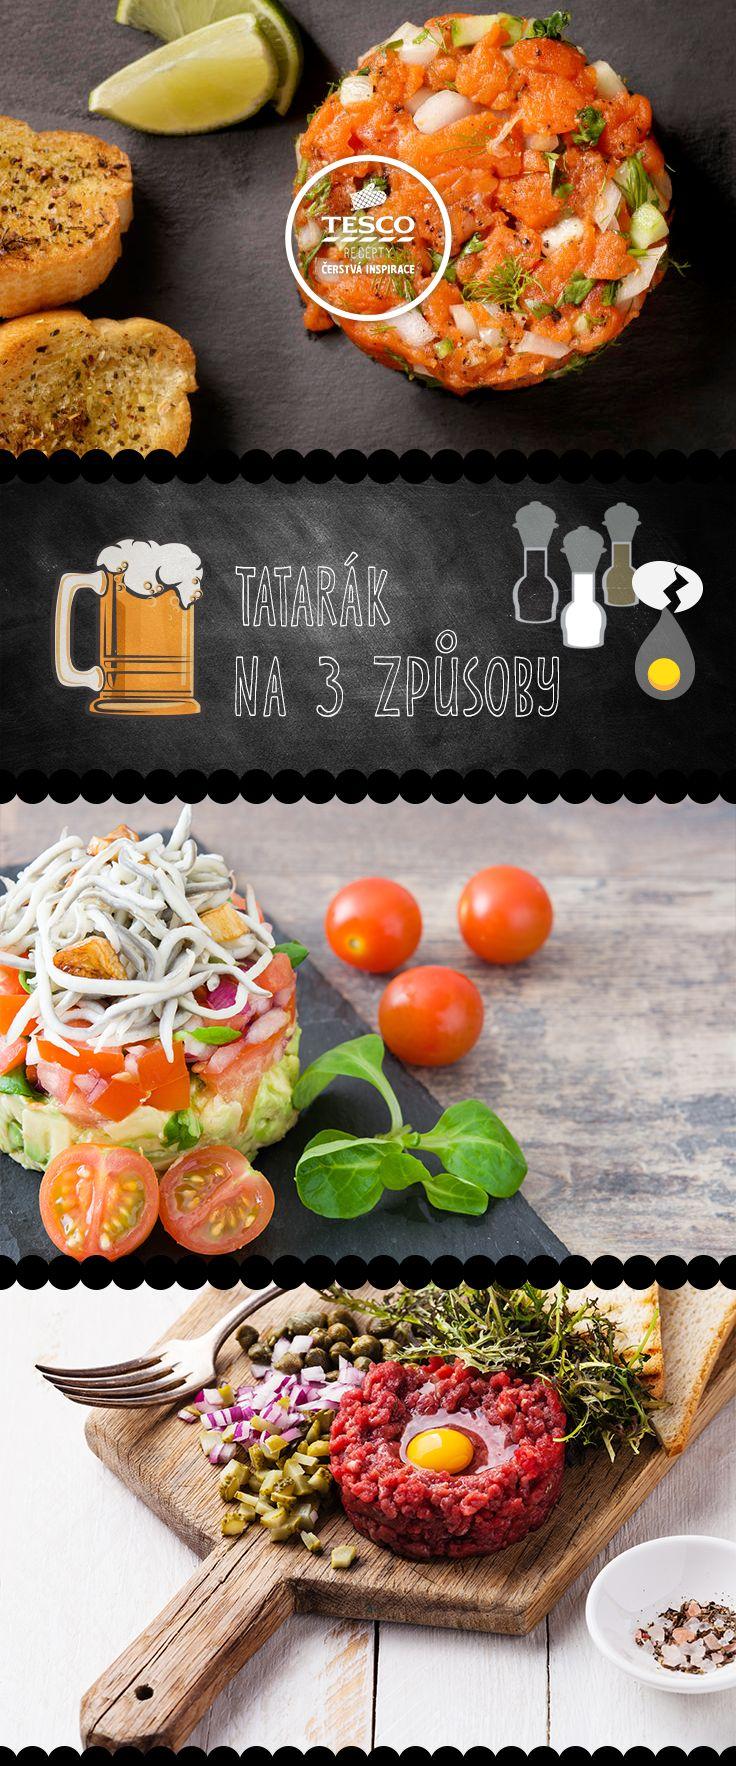 Je libo tatarák? Připravte si jej podle našich receptů.